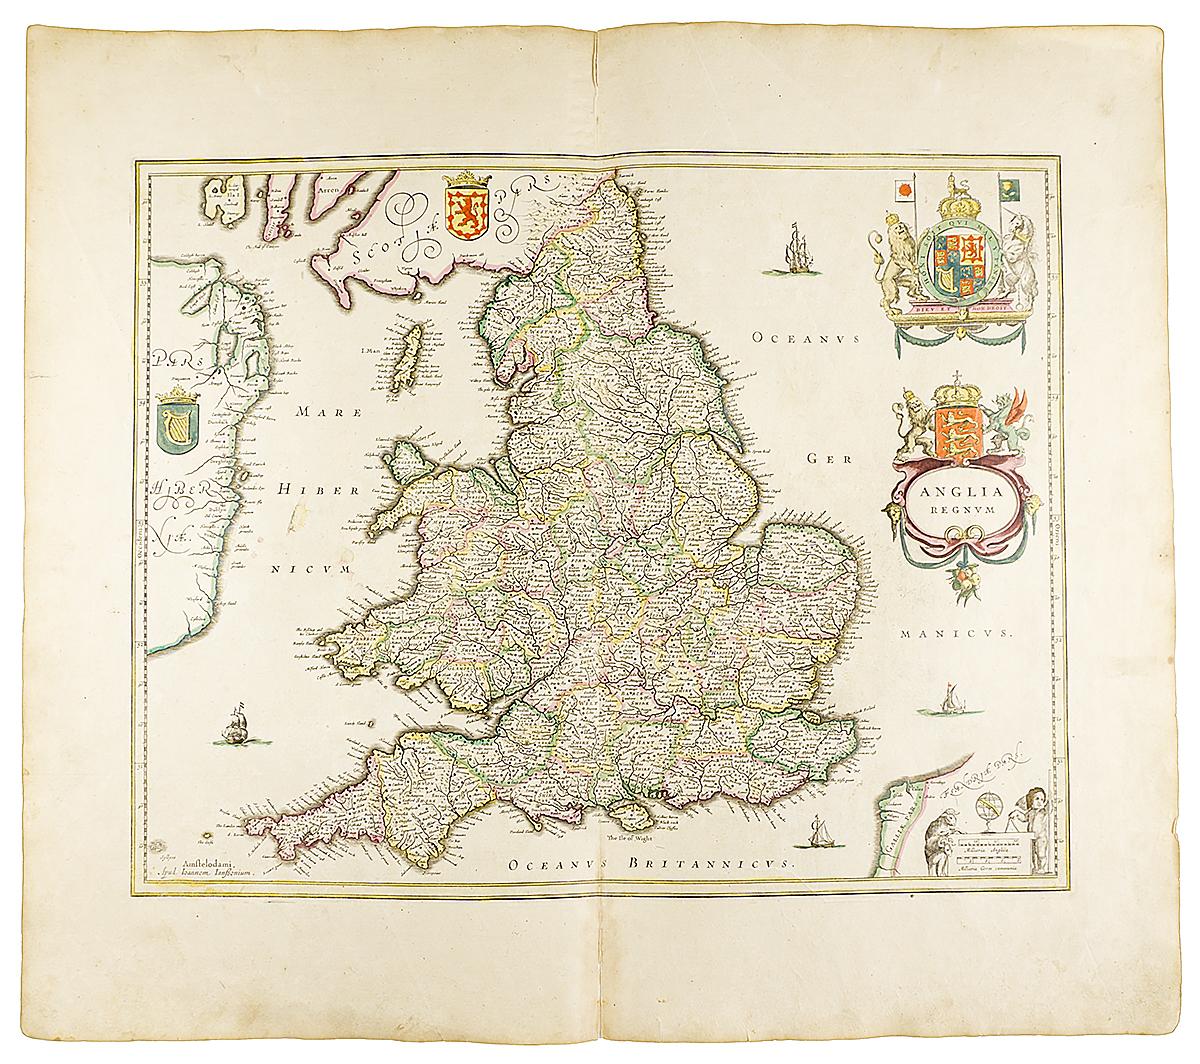 Географическая карта Англии с частью Шотландии и Ирландии. Гравюра. Западная Европа, около 1630 года